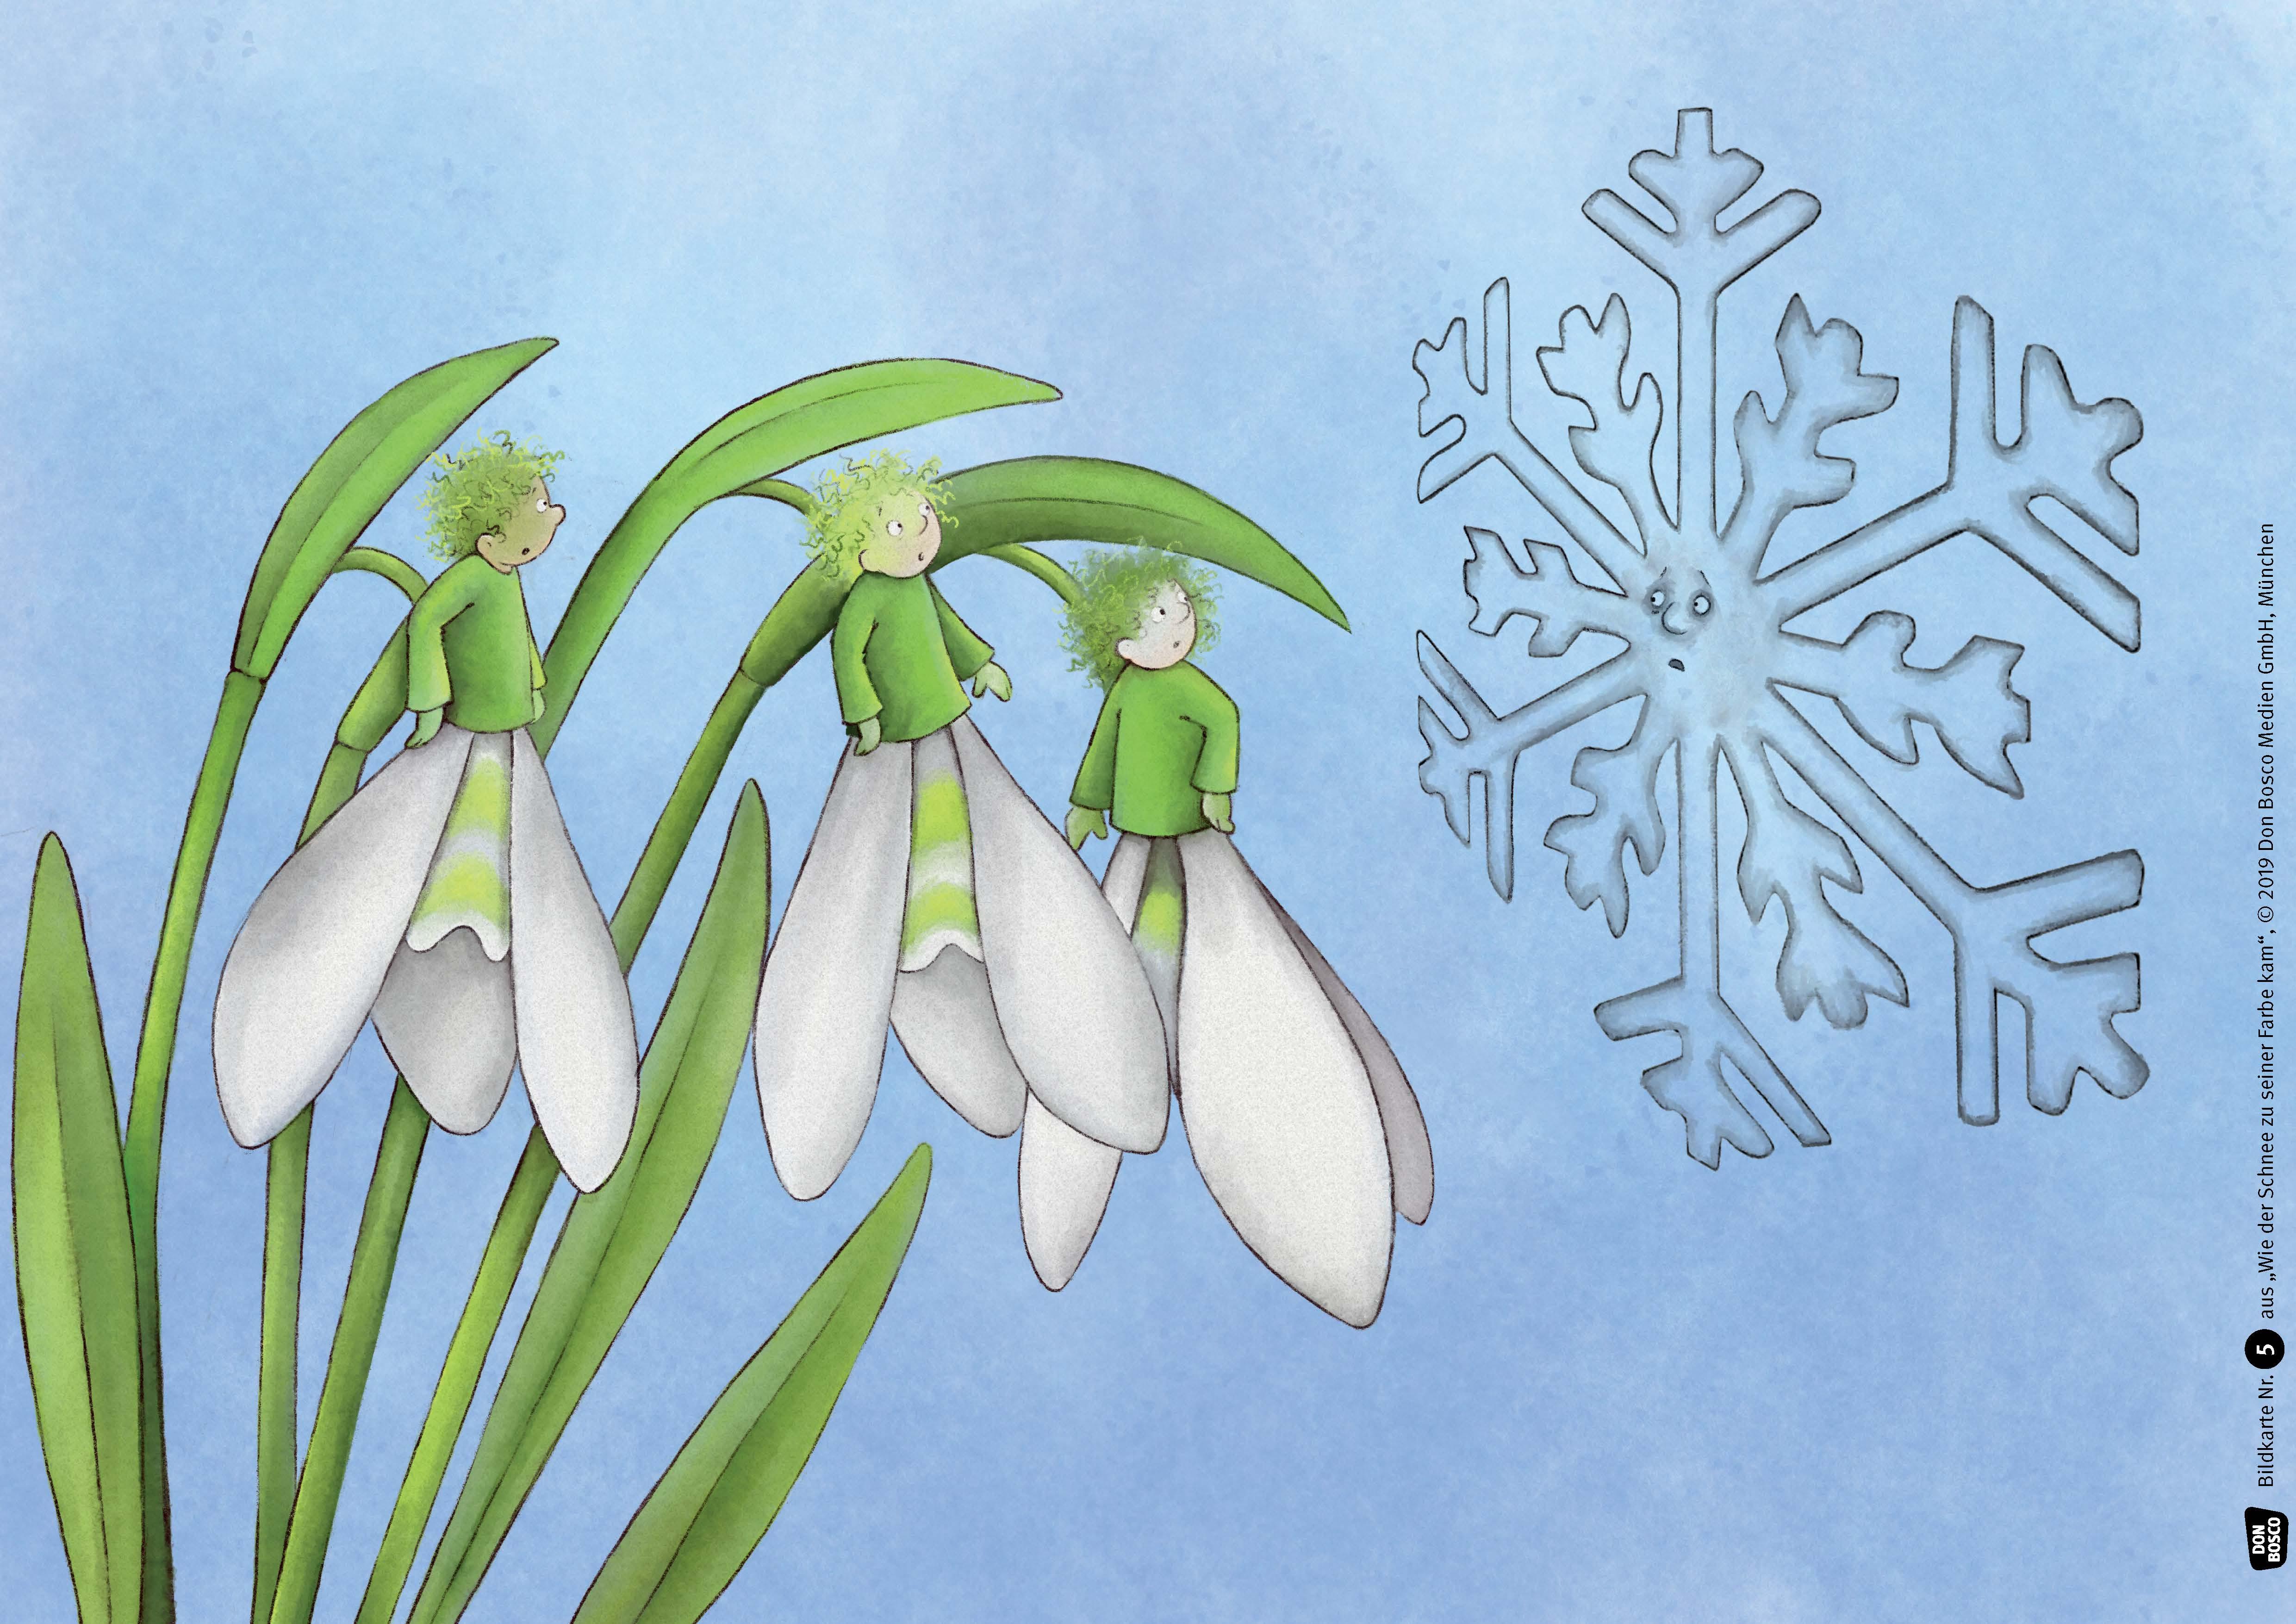 Innenansicht zu Wie der Schnee zu seiner Farbe kam. Kamishibai Bildkartenset.